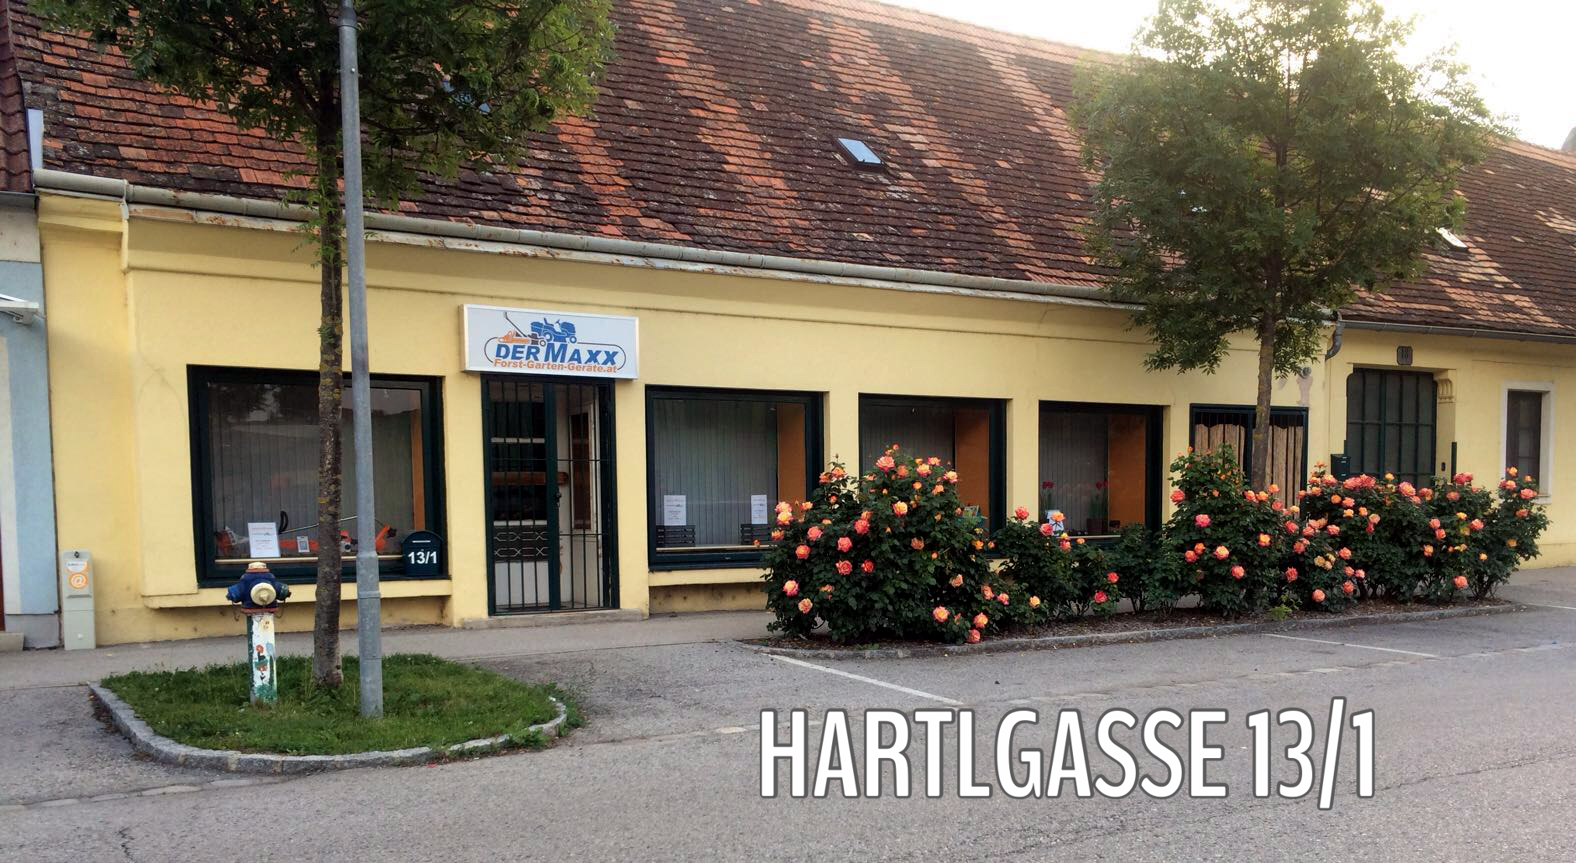 Hartlgasse Pottendorf Gartenwerkzeuge Rasenmäher service schärfen trimmer